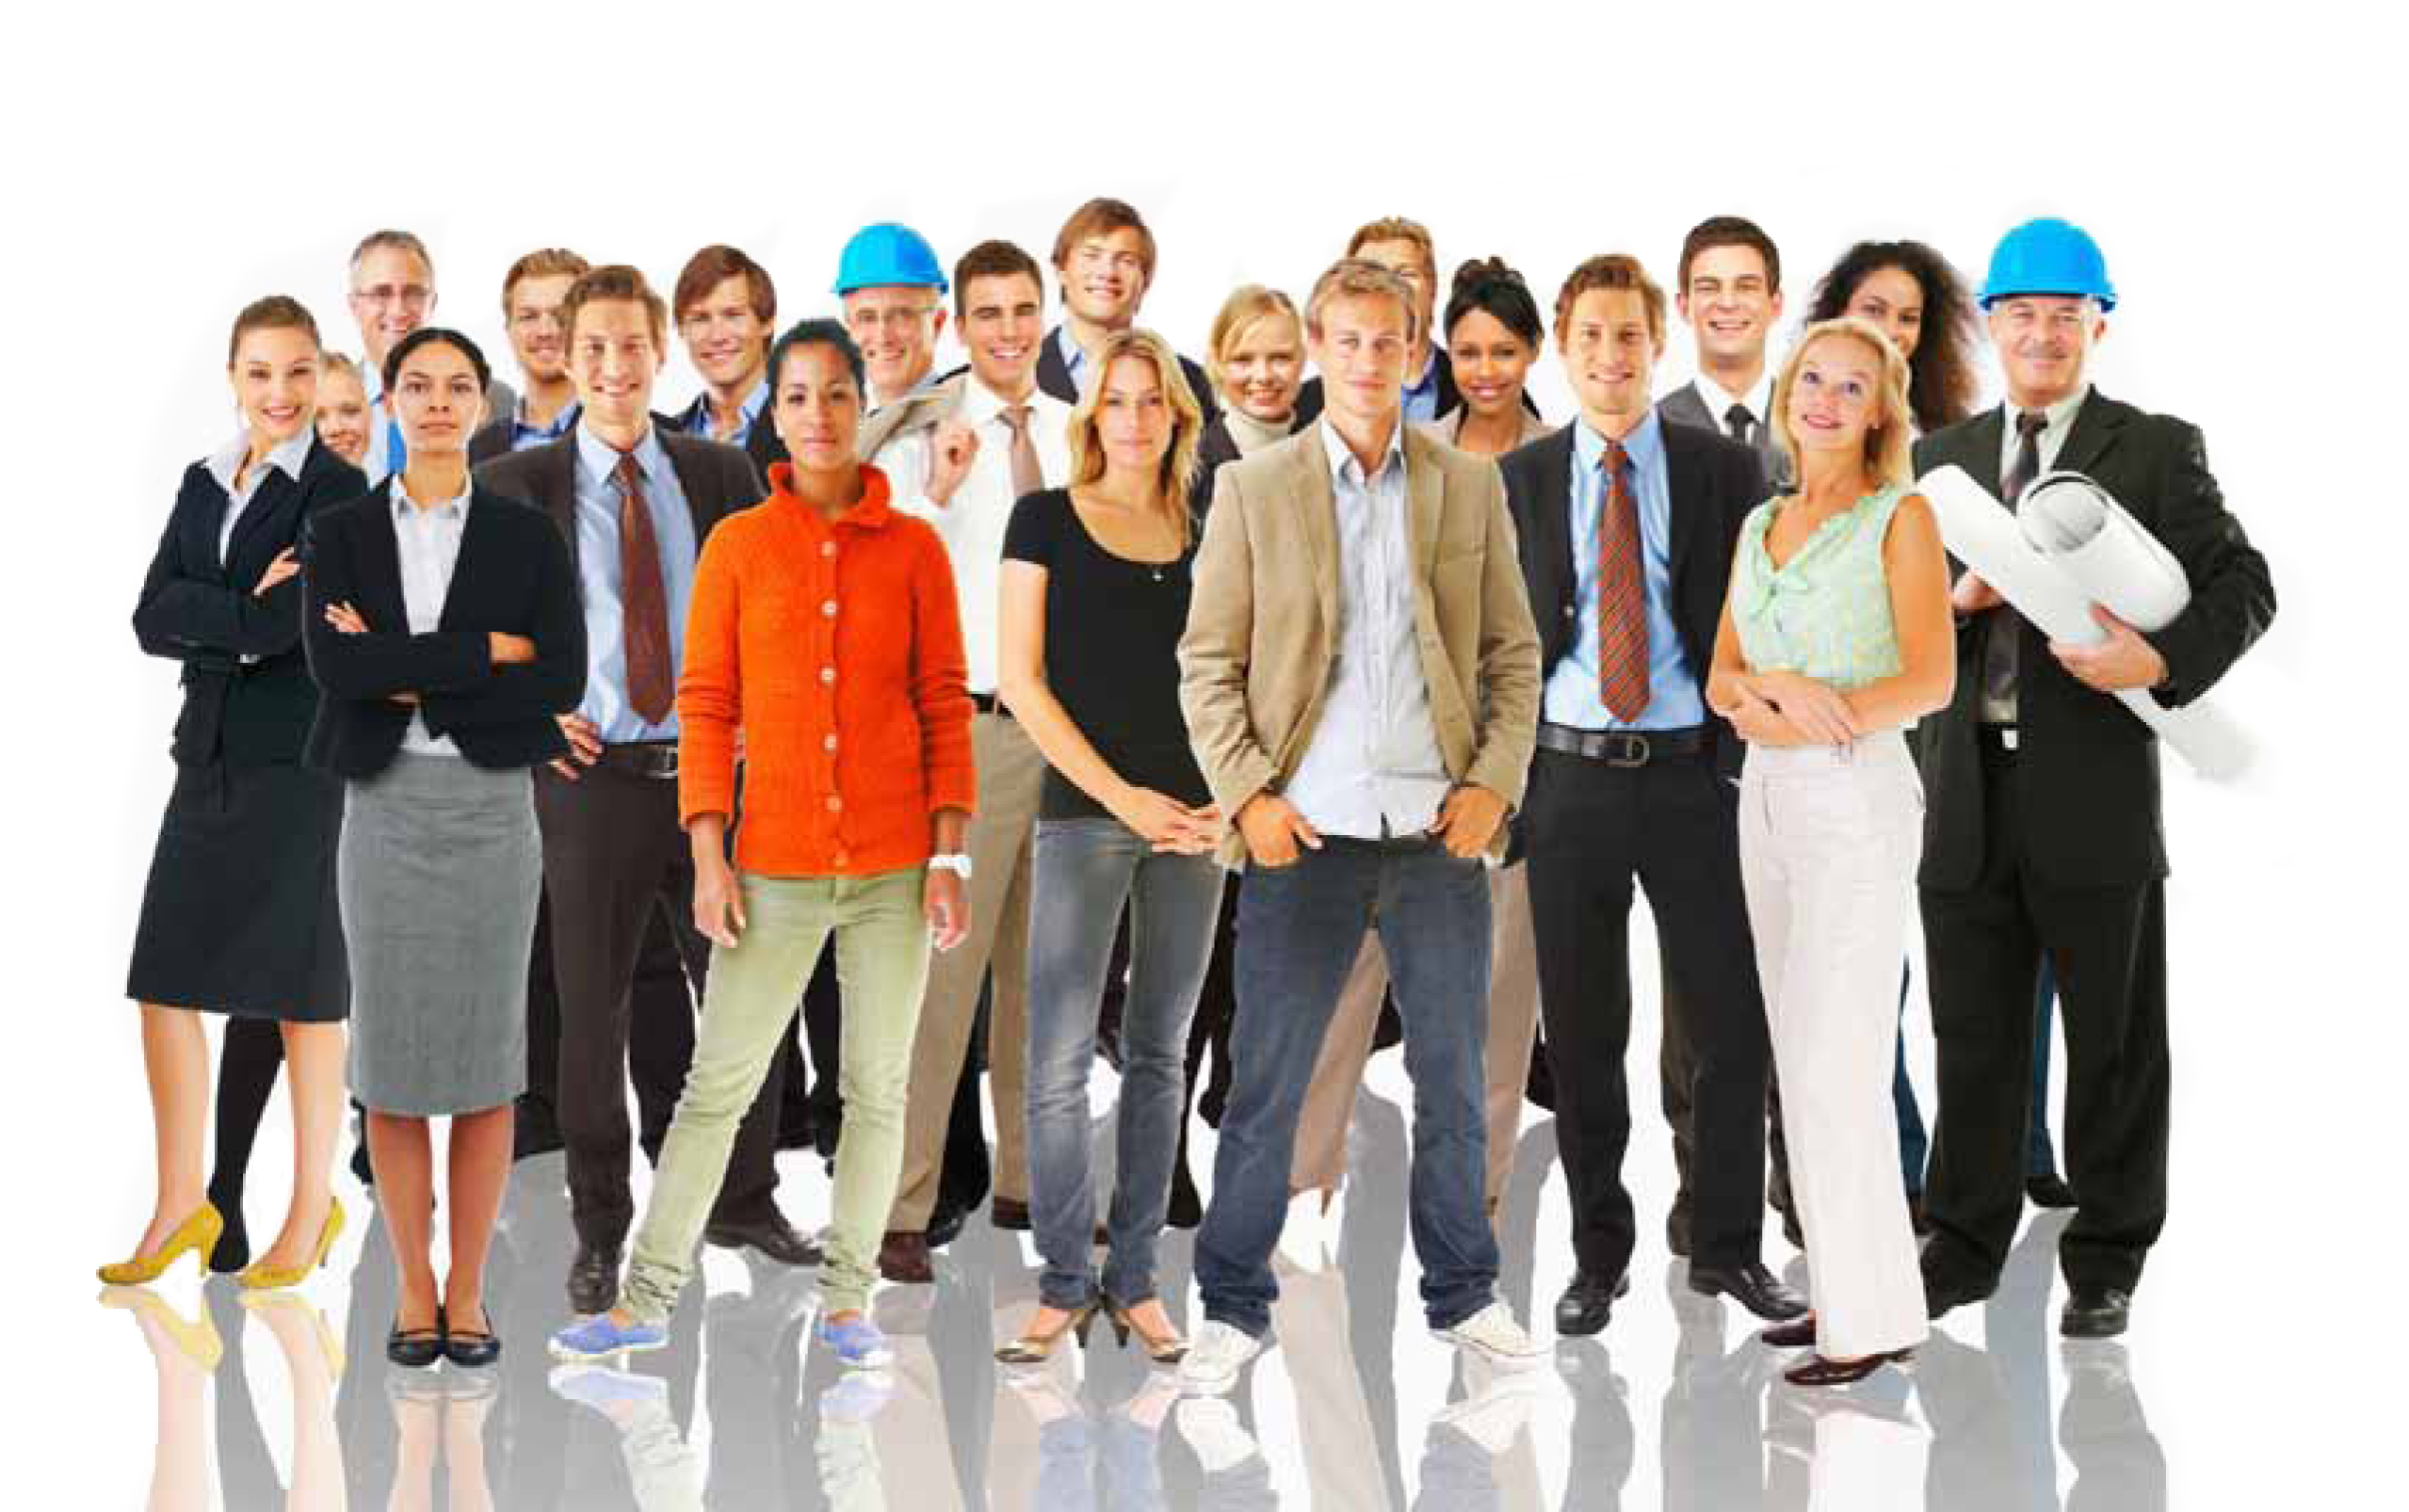 Najskuteczniejsza metoda walki z nadużyciami w zakresie form zatrudnienia